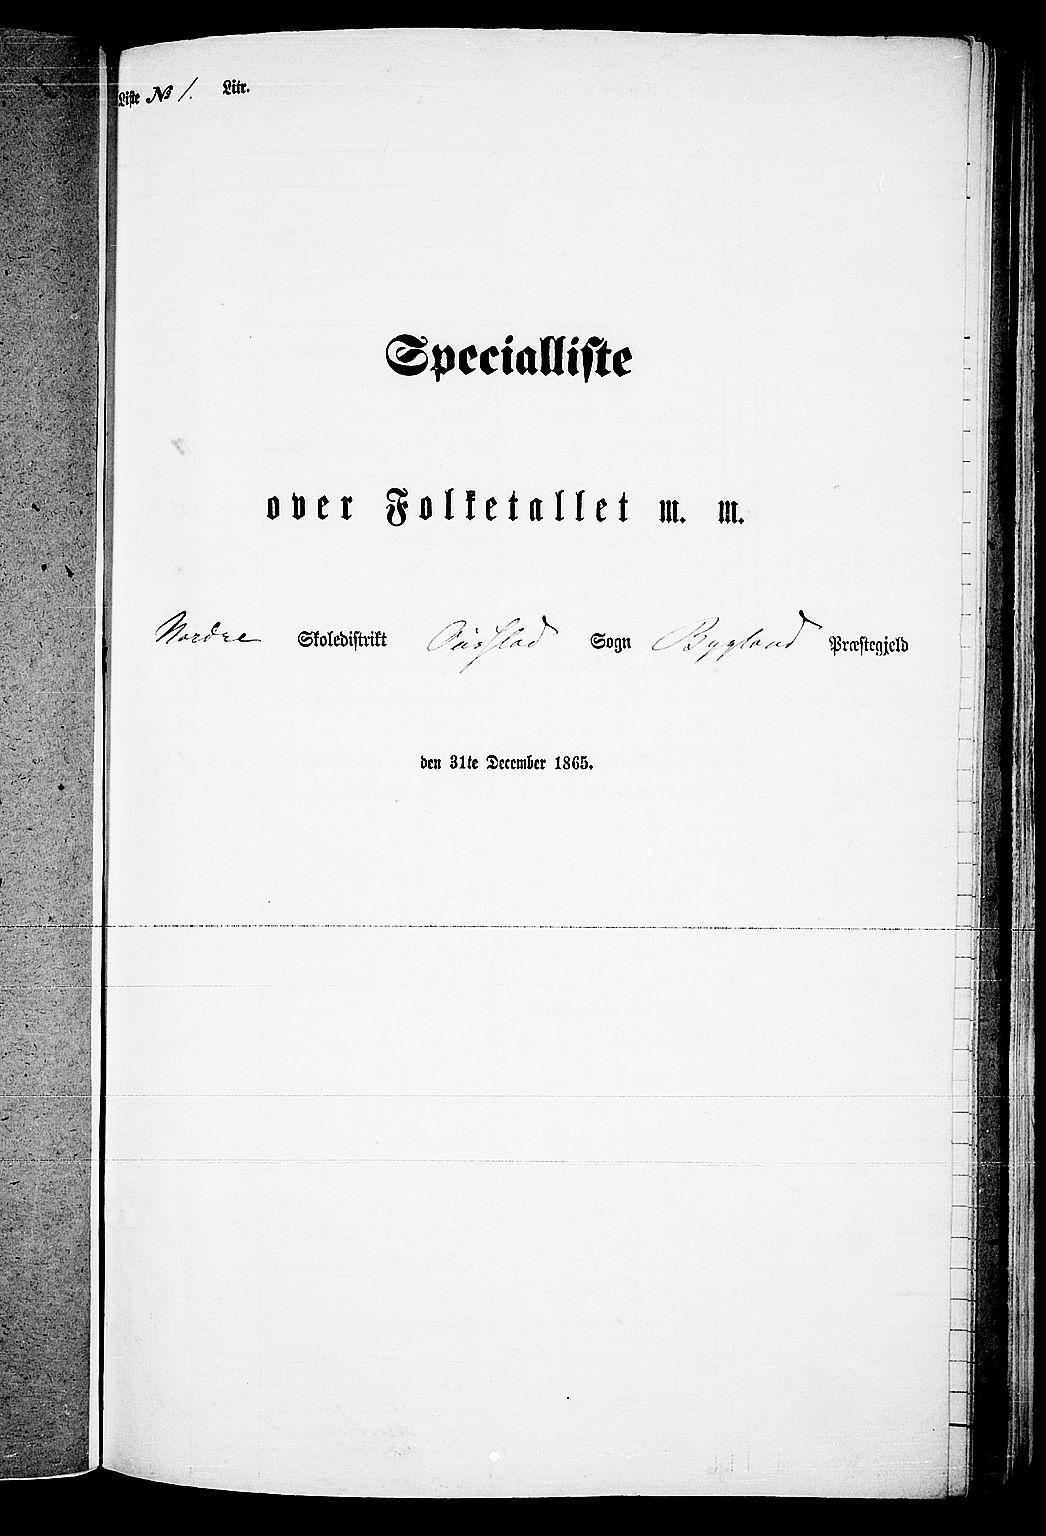 RA, Folketelling 1865 for 0938P Bygland prestegjeld, 1865, s. 5